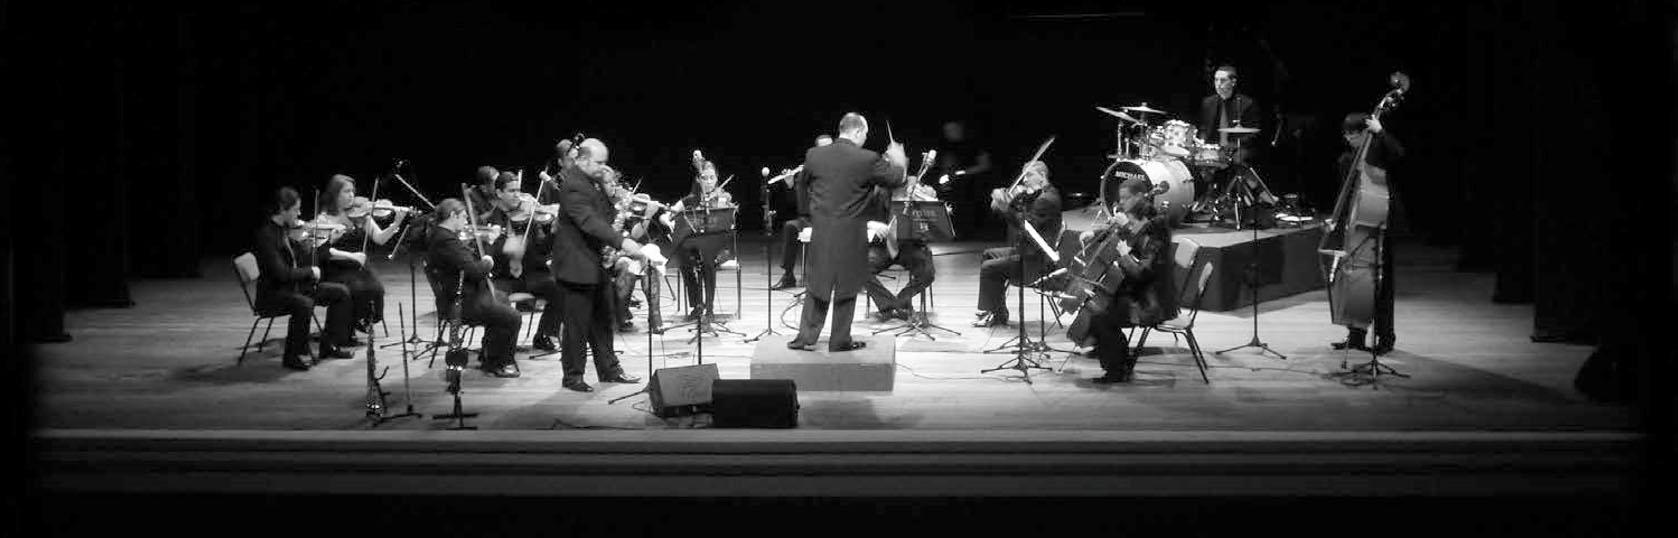 orquestra10